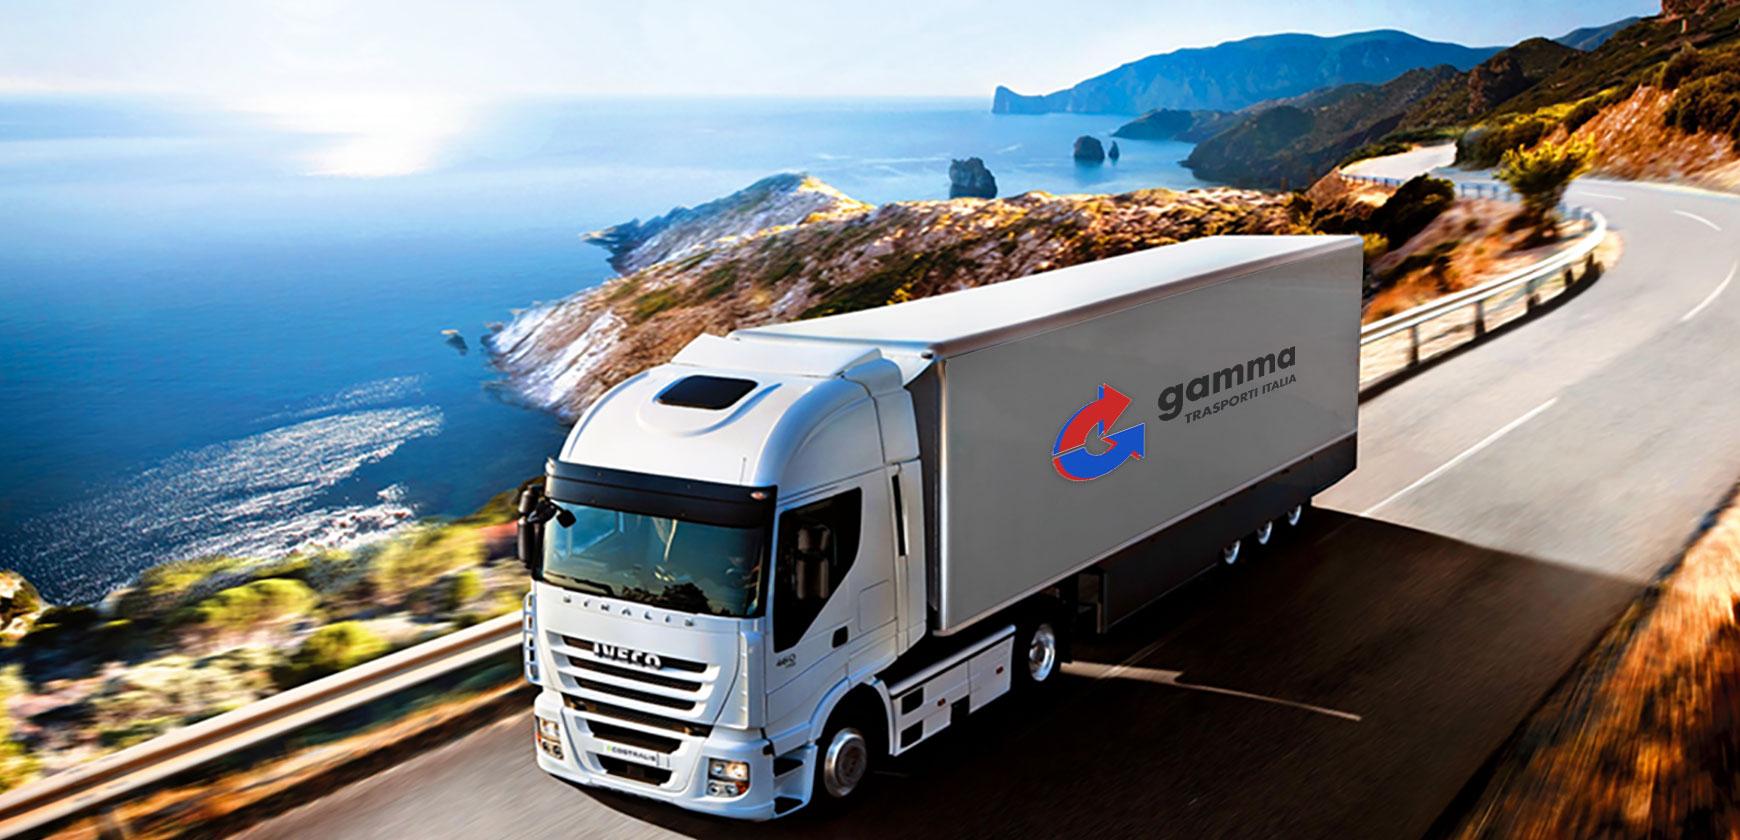 Trasporto-su-strada-Immagazzinamento-Distribuzione-Gamma